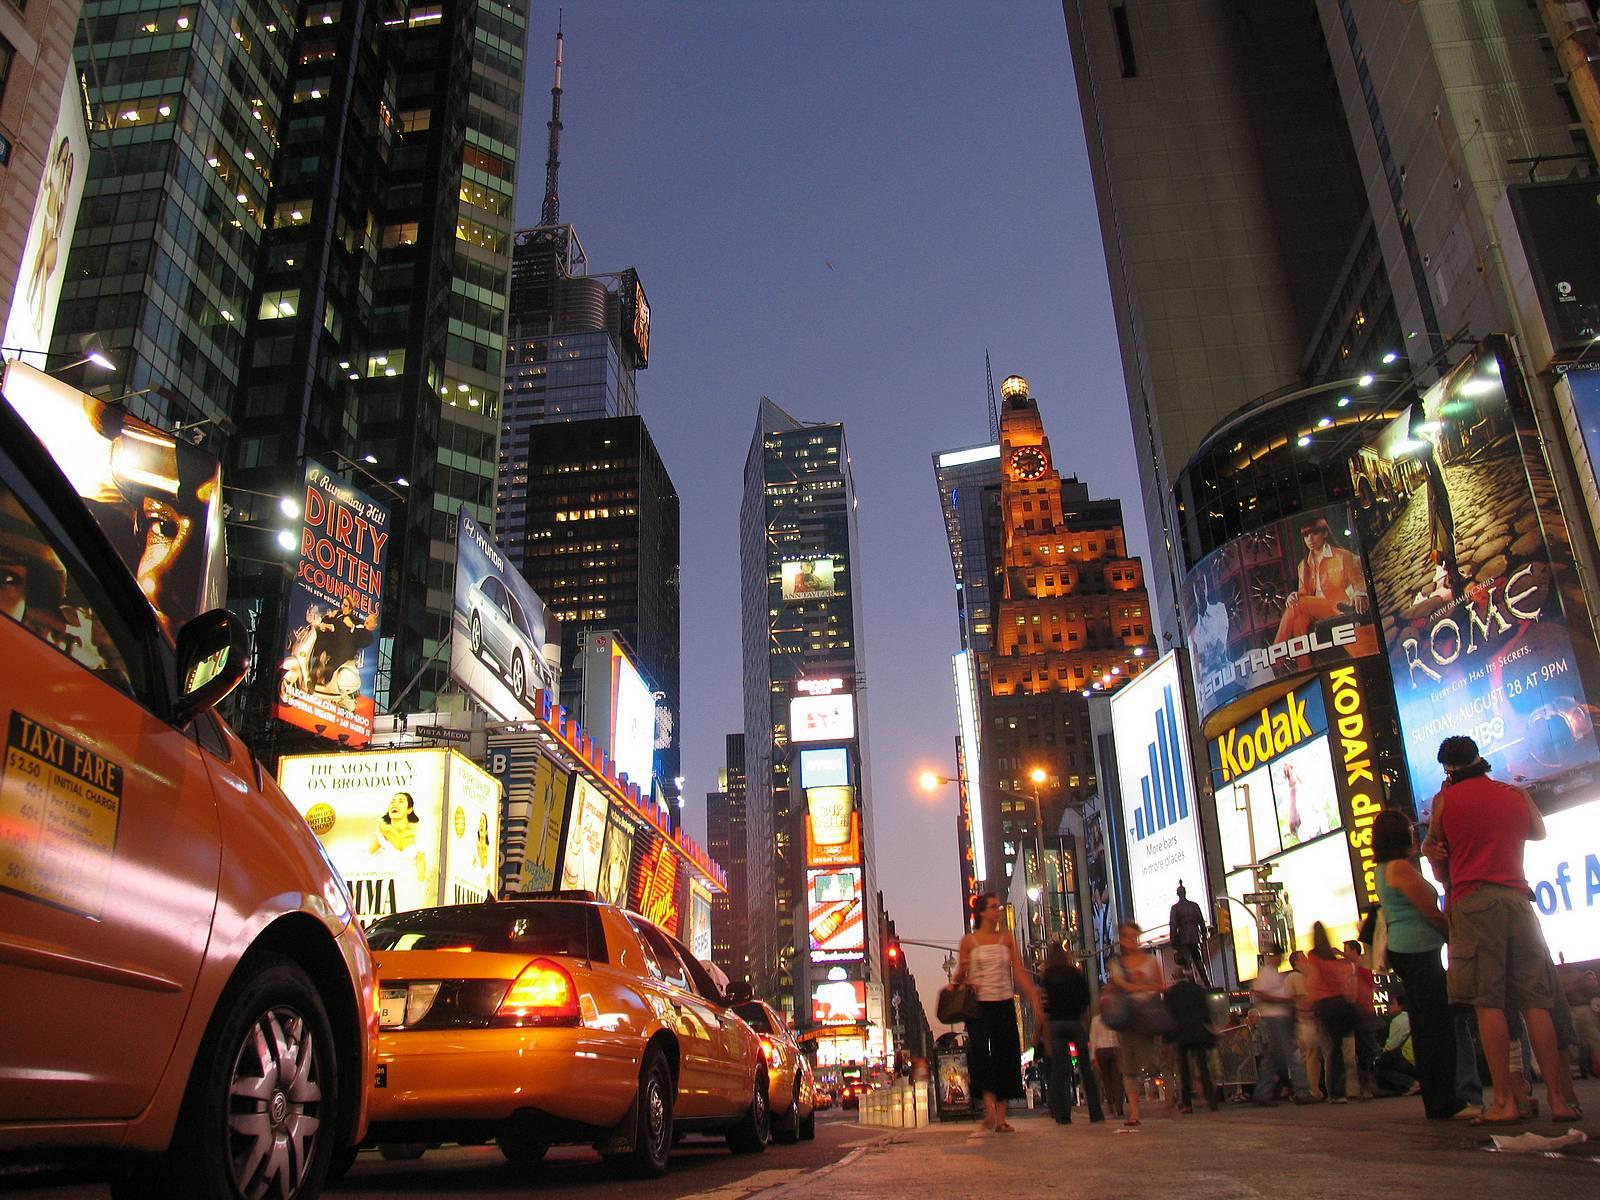 New York  Times Square Night Photos 3  3